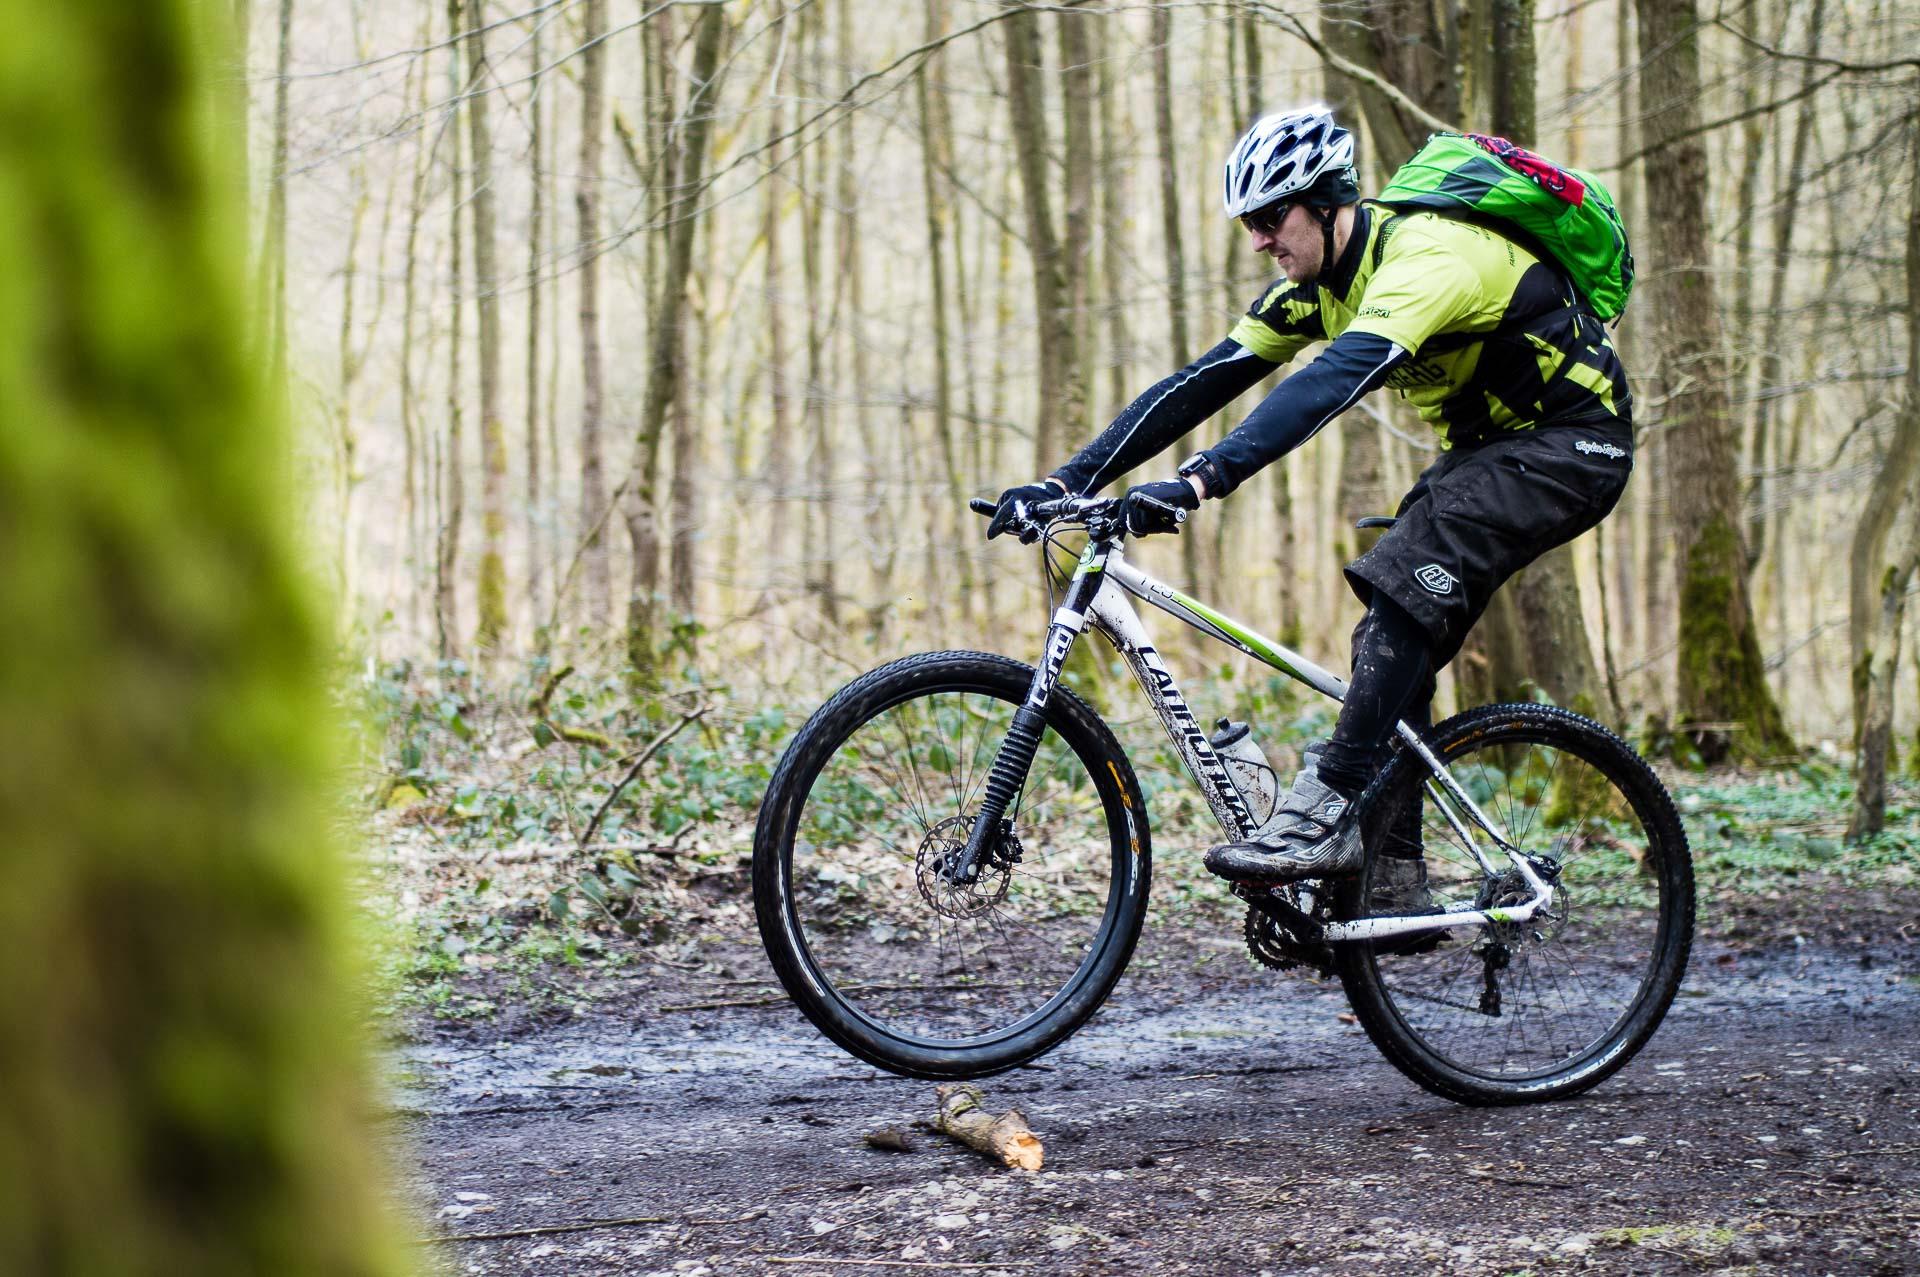 Die Mountainbike-Schule Wupper Tal+Berg bietet Fahrtechnikkurse von Level 1 bis 2 an.